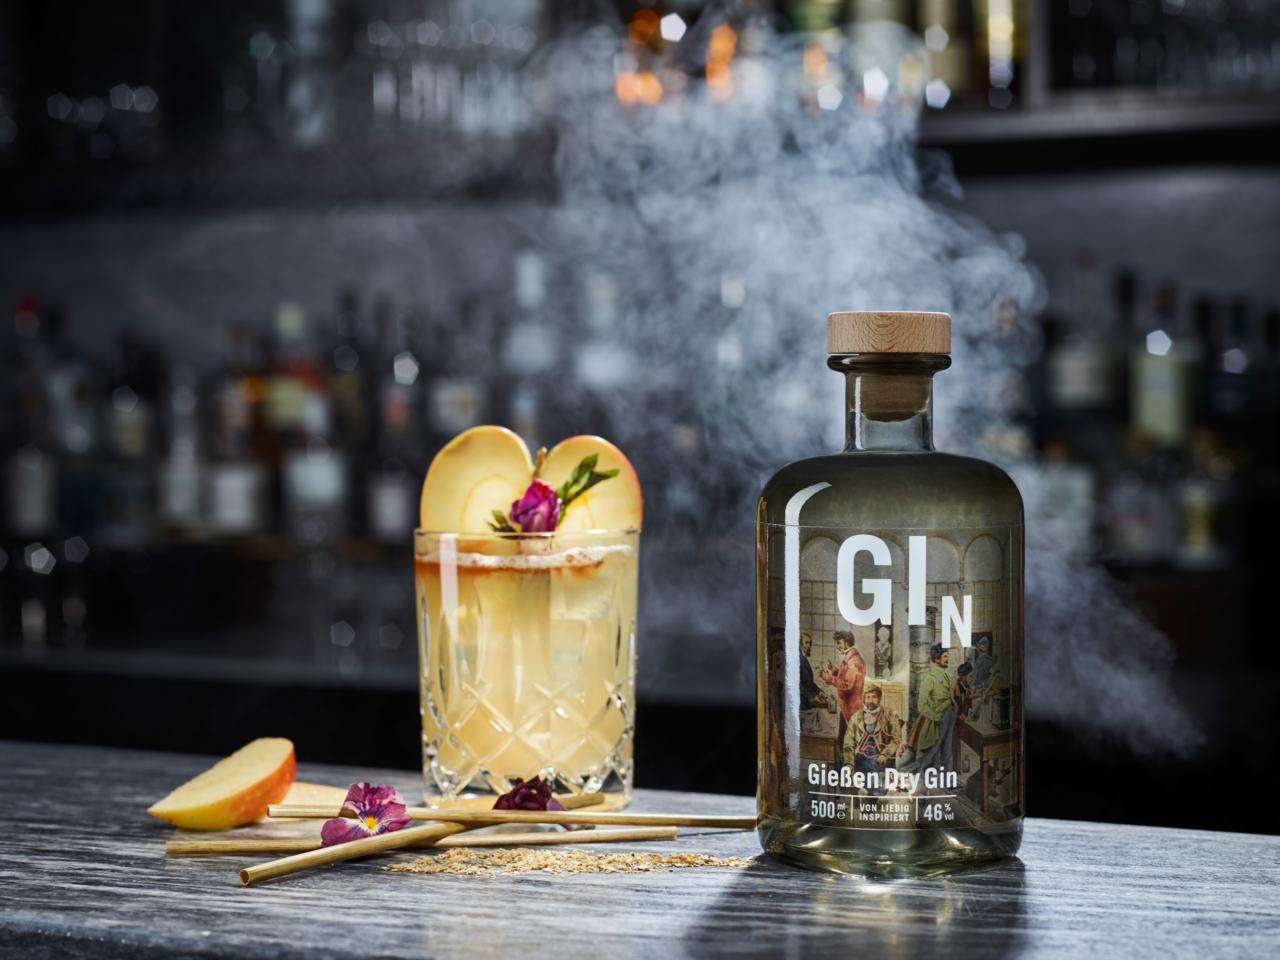 Giessen Dry Gin | Foto Werbung Werbefotografie